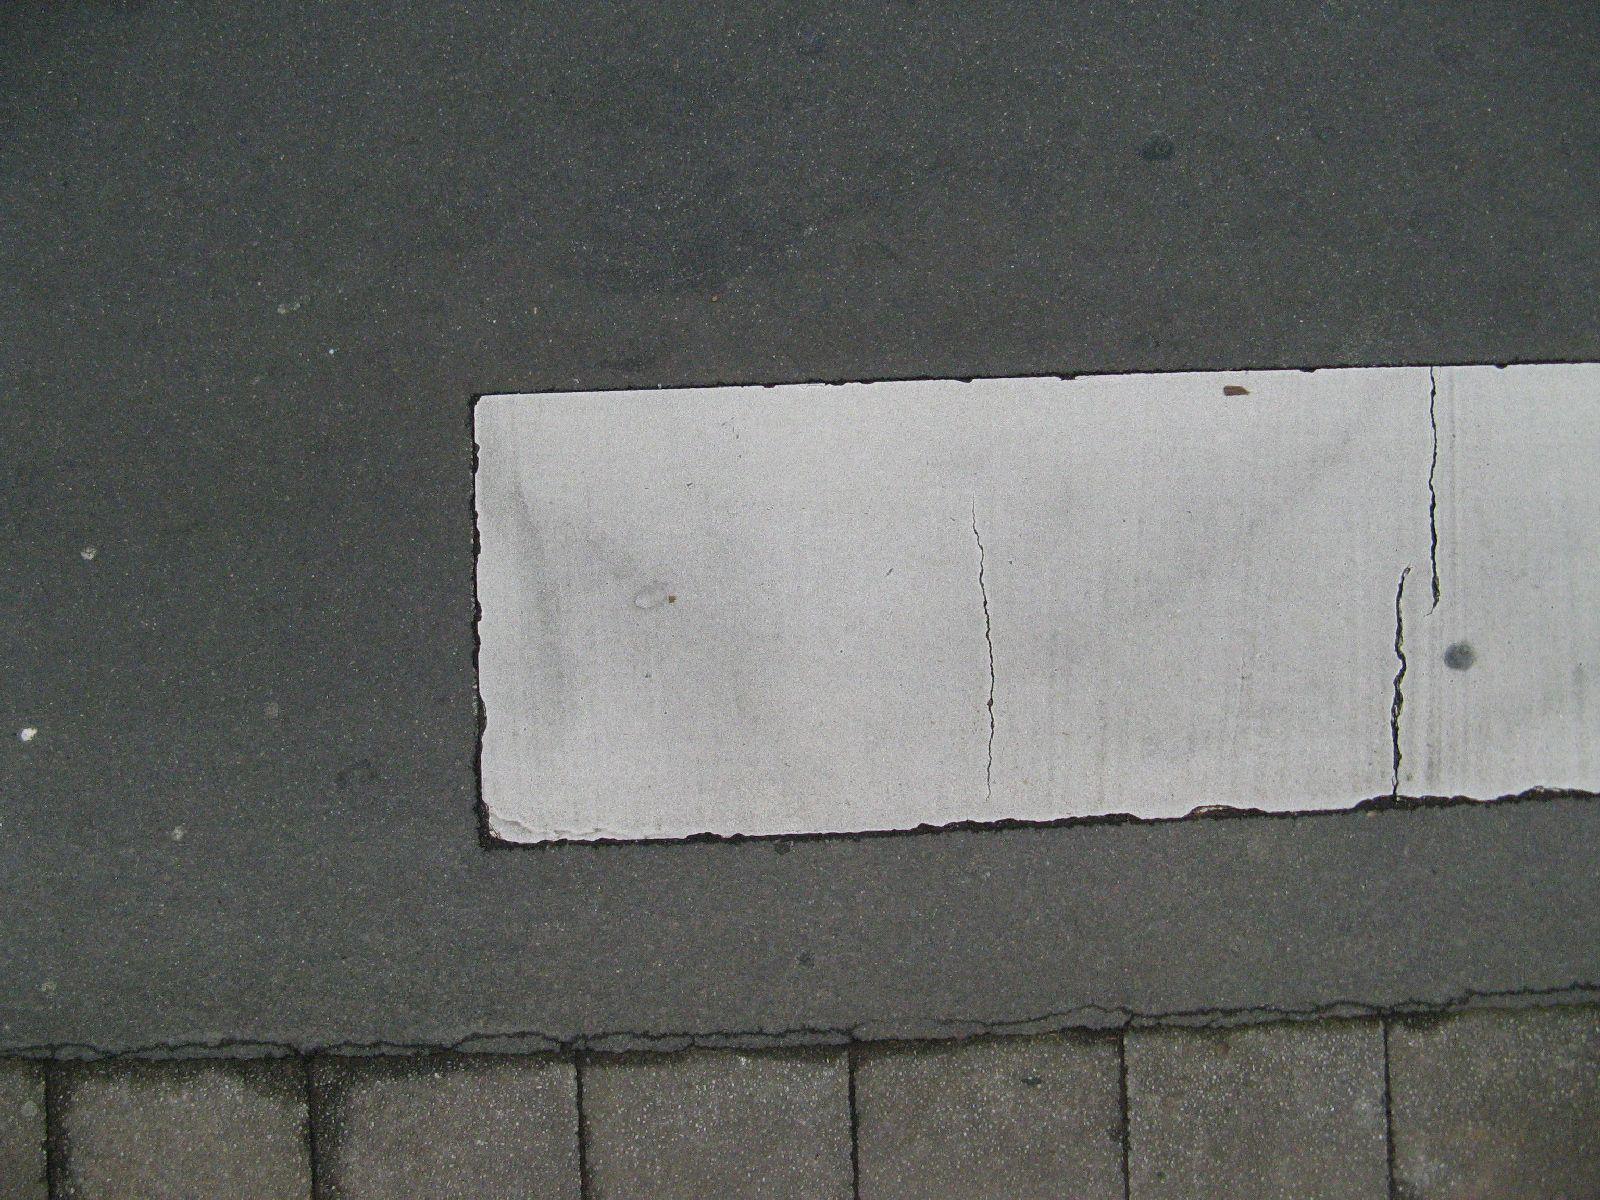 Boden-Strassenelemente_Textur_B_2360